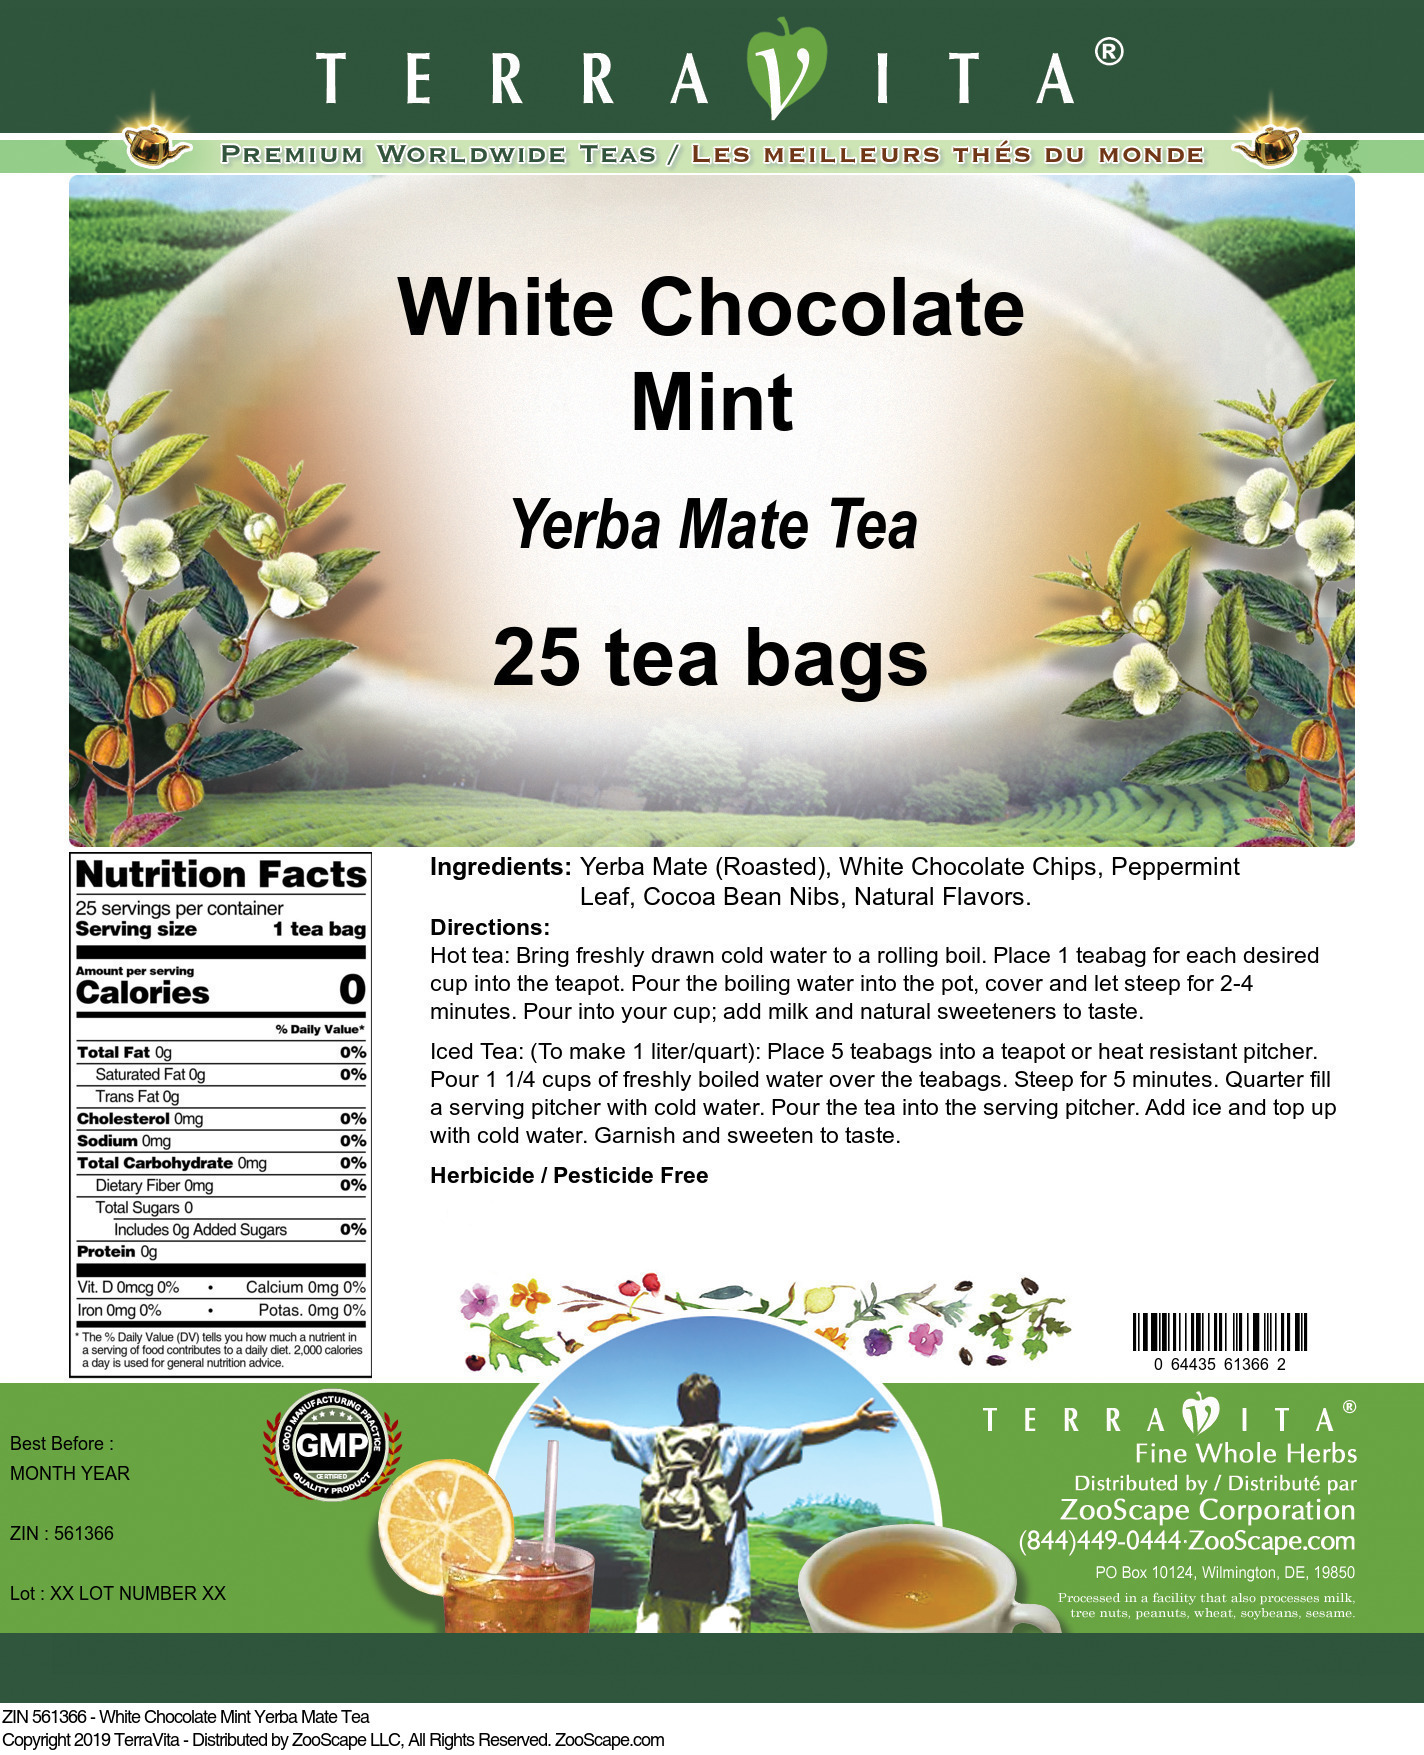 White Chocolate Mint Yerba Mate